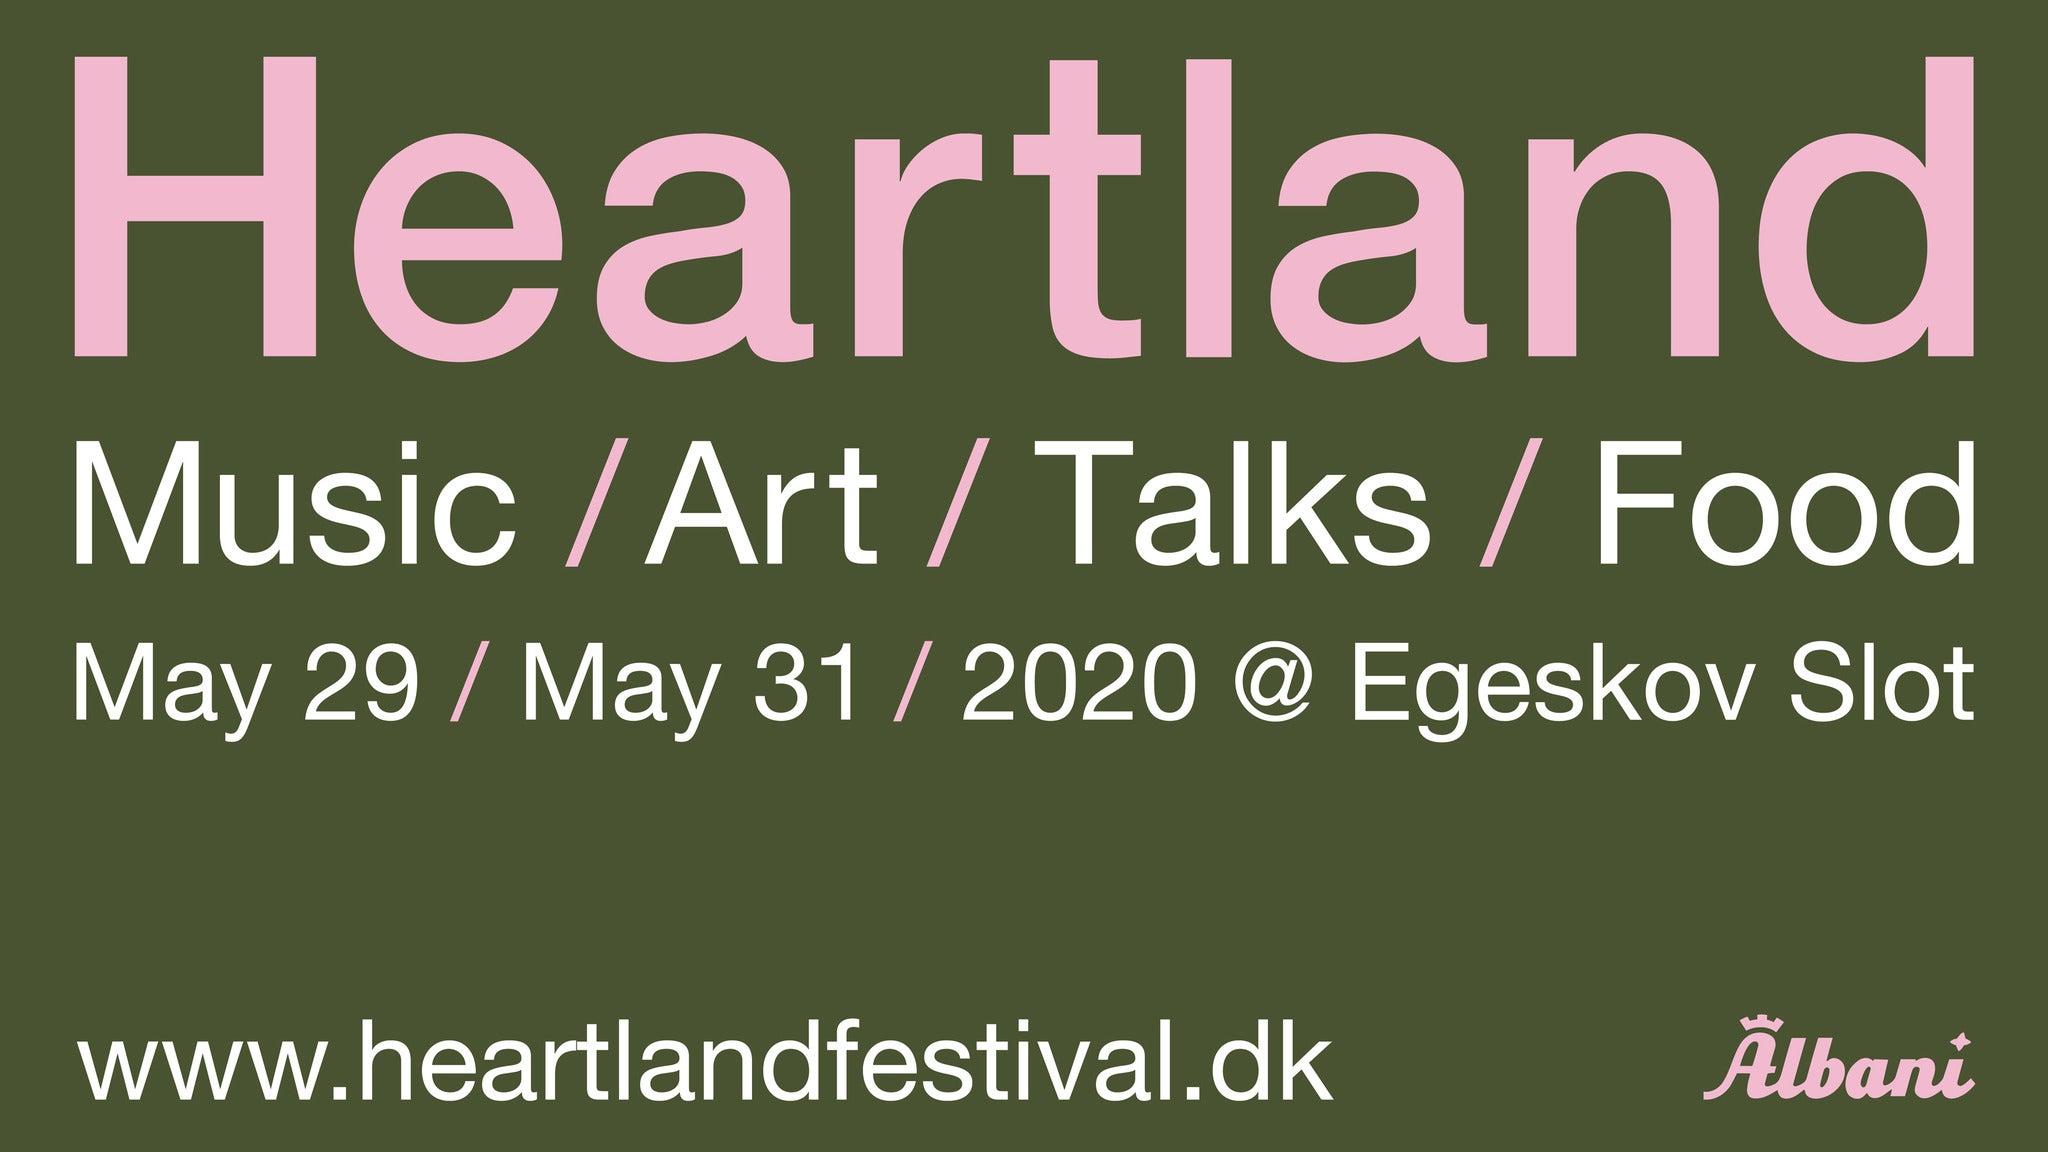 HEARTLAND FESTIVAL 2020 - WONDERLAND SØNDAG